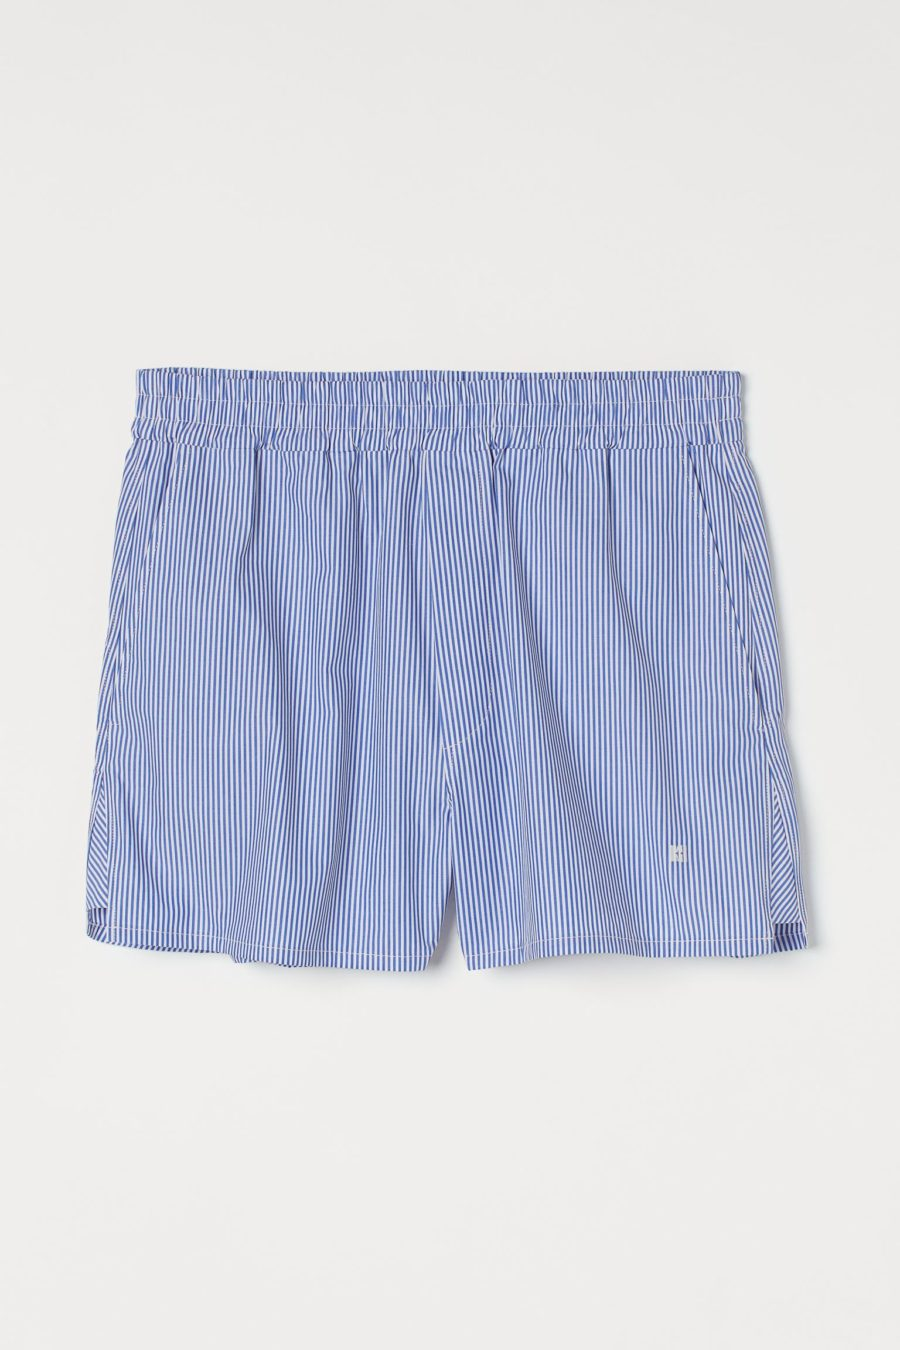 H&M Wide-Leg Cotton Shorts ($25)